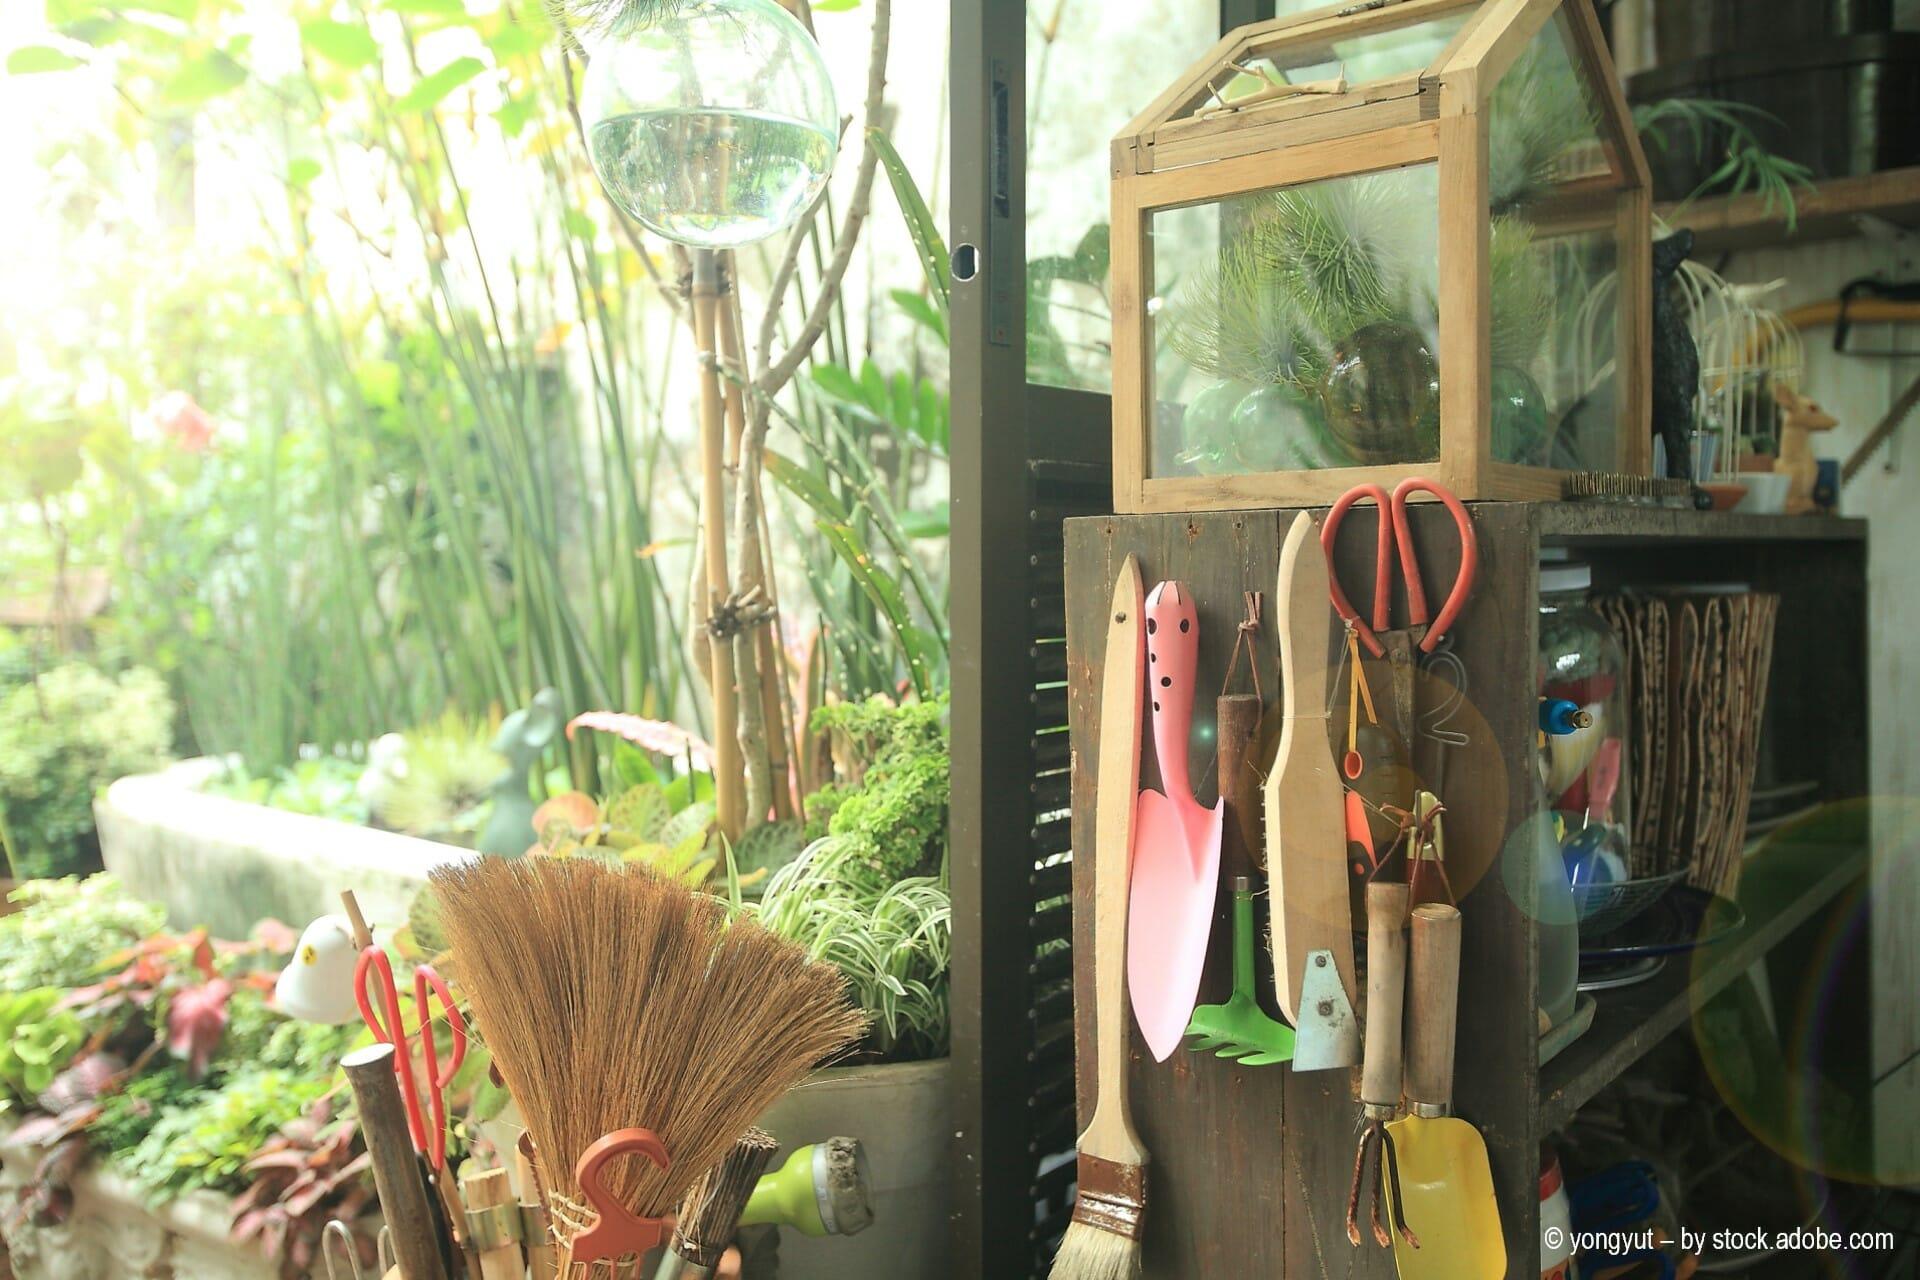 Tipps und Tricks für die Aufbewahrung von Gartenwerkzeugen